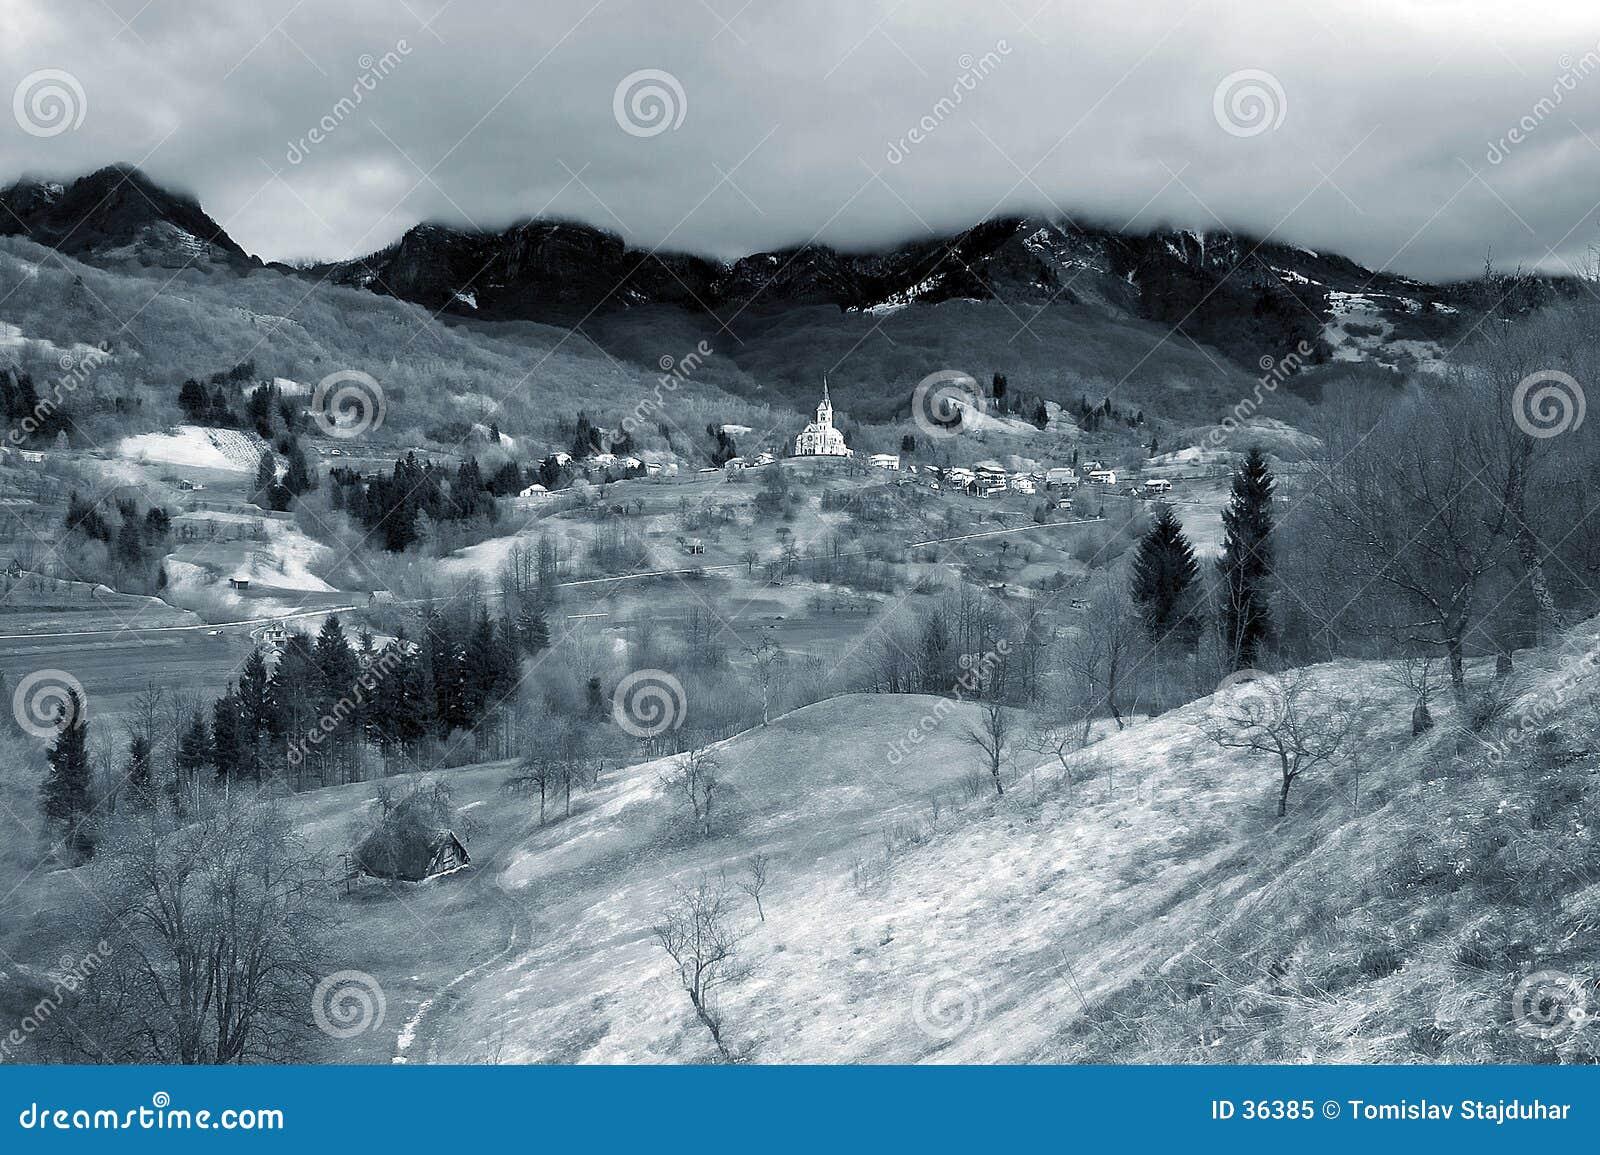 Download Traumlandschaft stockbild. Bild von fairytale, feen, slowenien - 36385